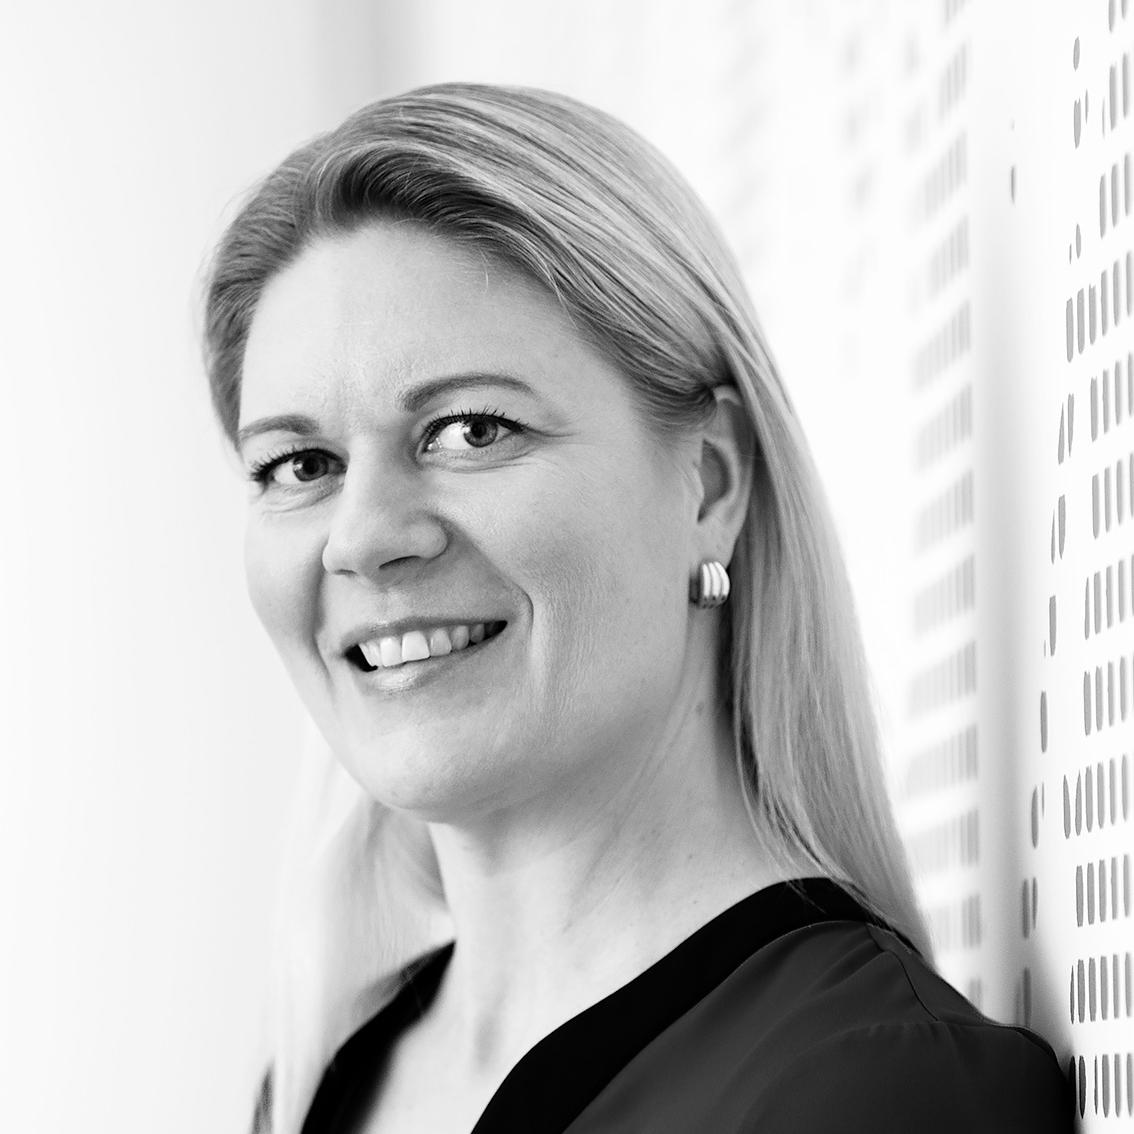 Katja Kumpulainen